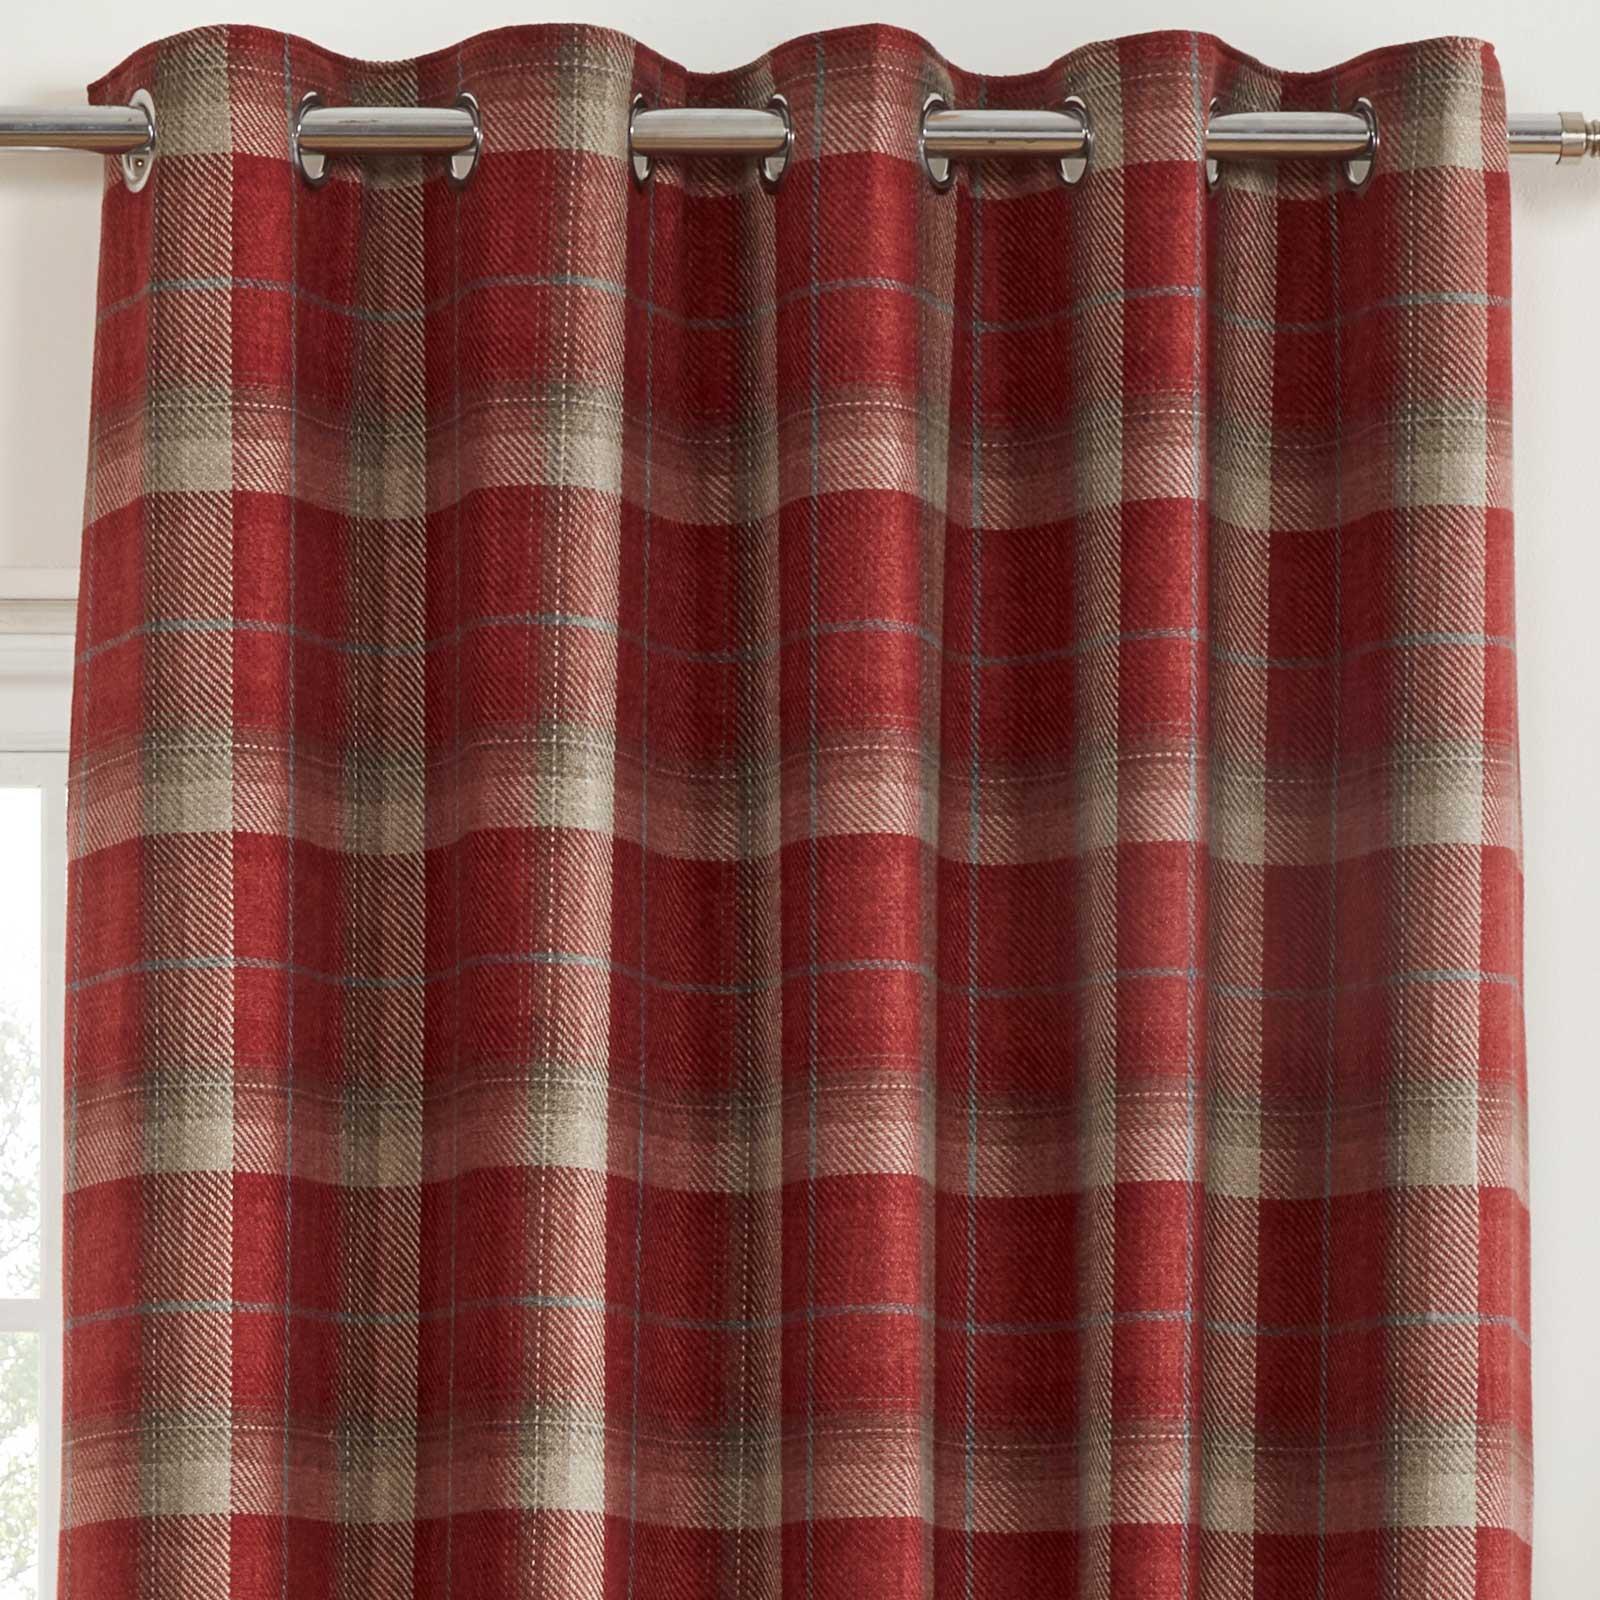 Cortinas-DE-ORIFICIOS-Rojo-Blackout-Tartan-Check-Ready-Made-acogedor-Anillo-Superior-Cortina-Pares miniatura 35